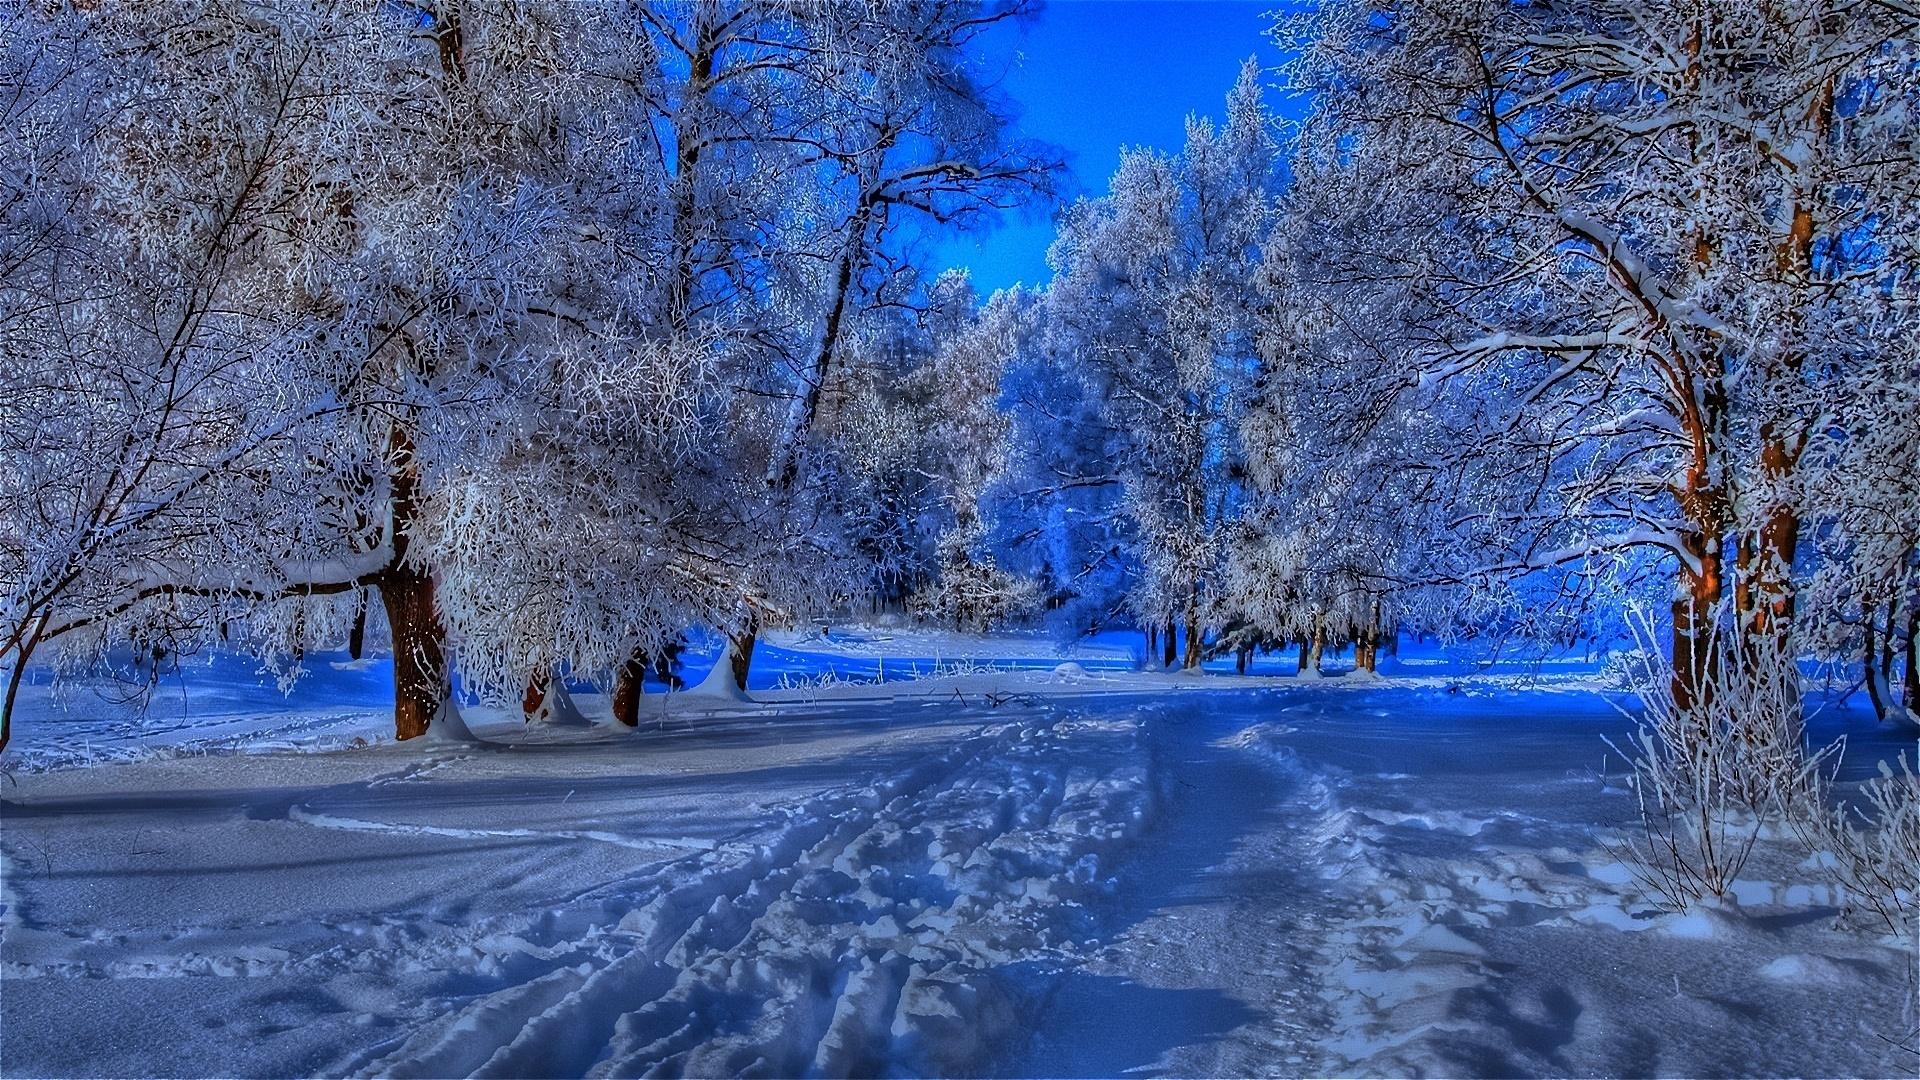 23181壁紙のダウンロード風景, 道路, ビーチ, 雪-スクリーンセーバーと写真を無料で